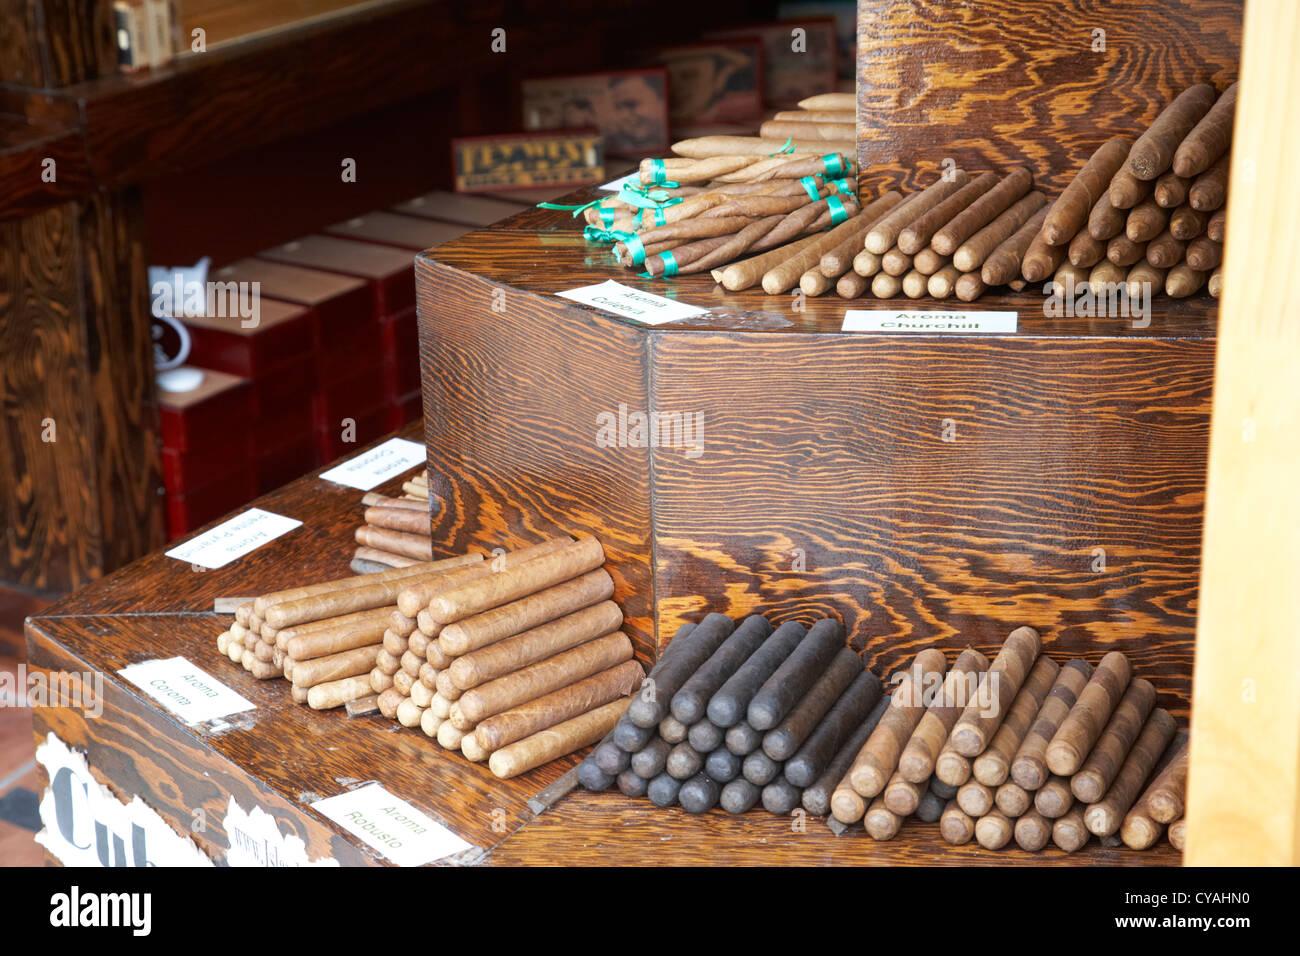 kubanischen Stil Zigarren auf Verkauf in einem Geschäft in Key West Florida usa Stockbild